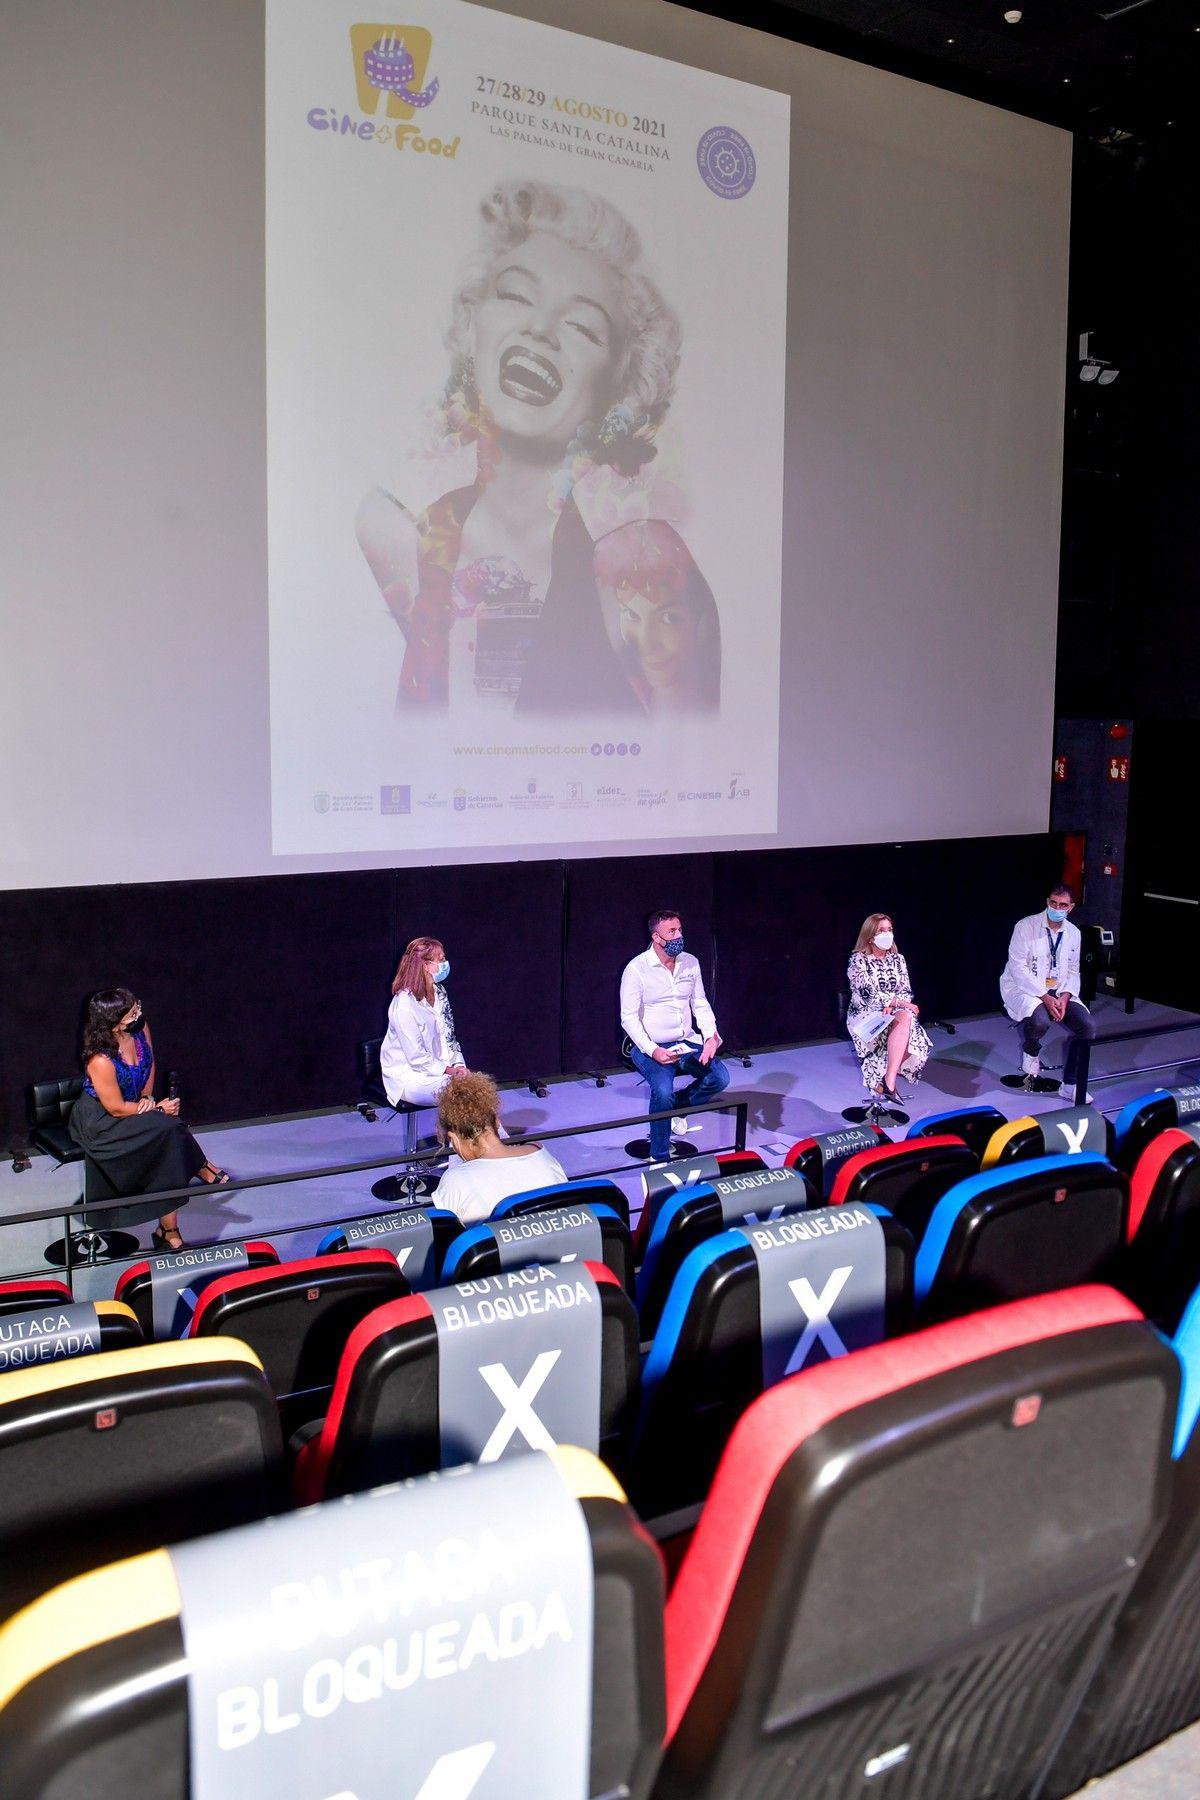 Presentación de Cine + Food